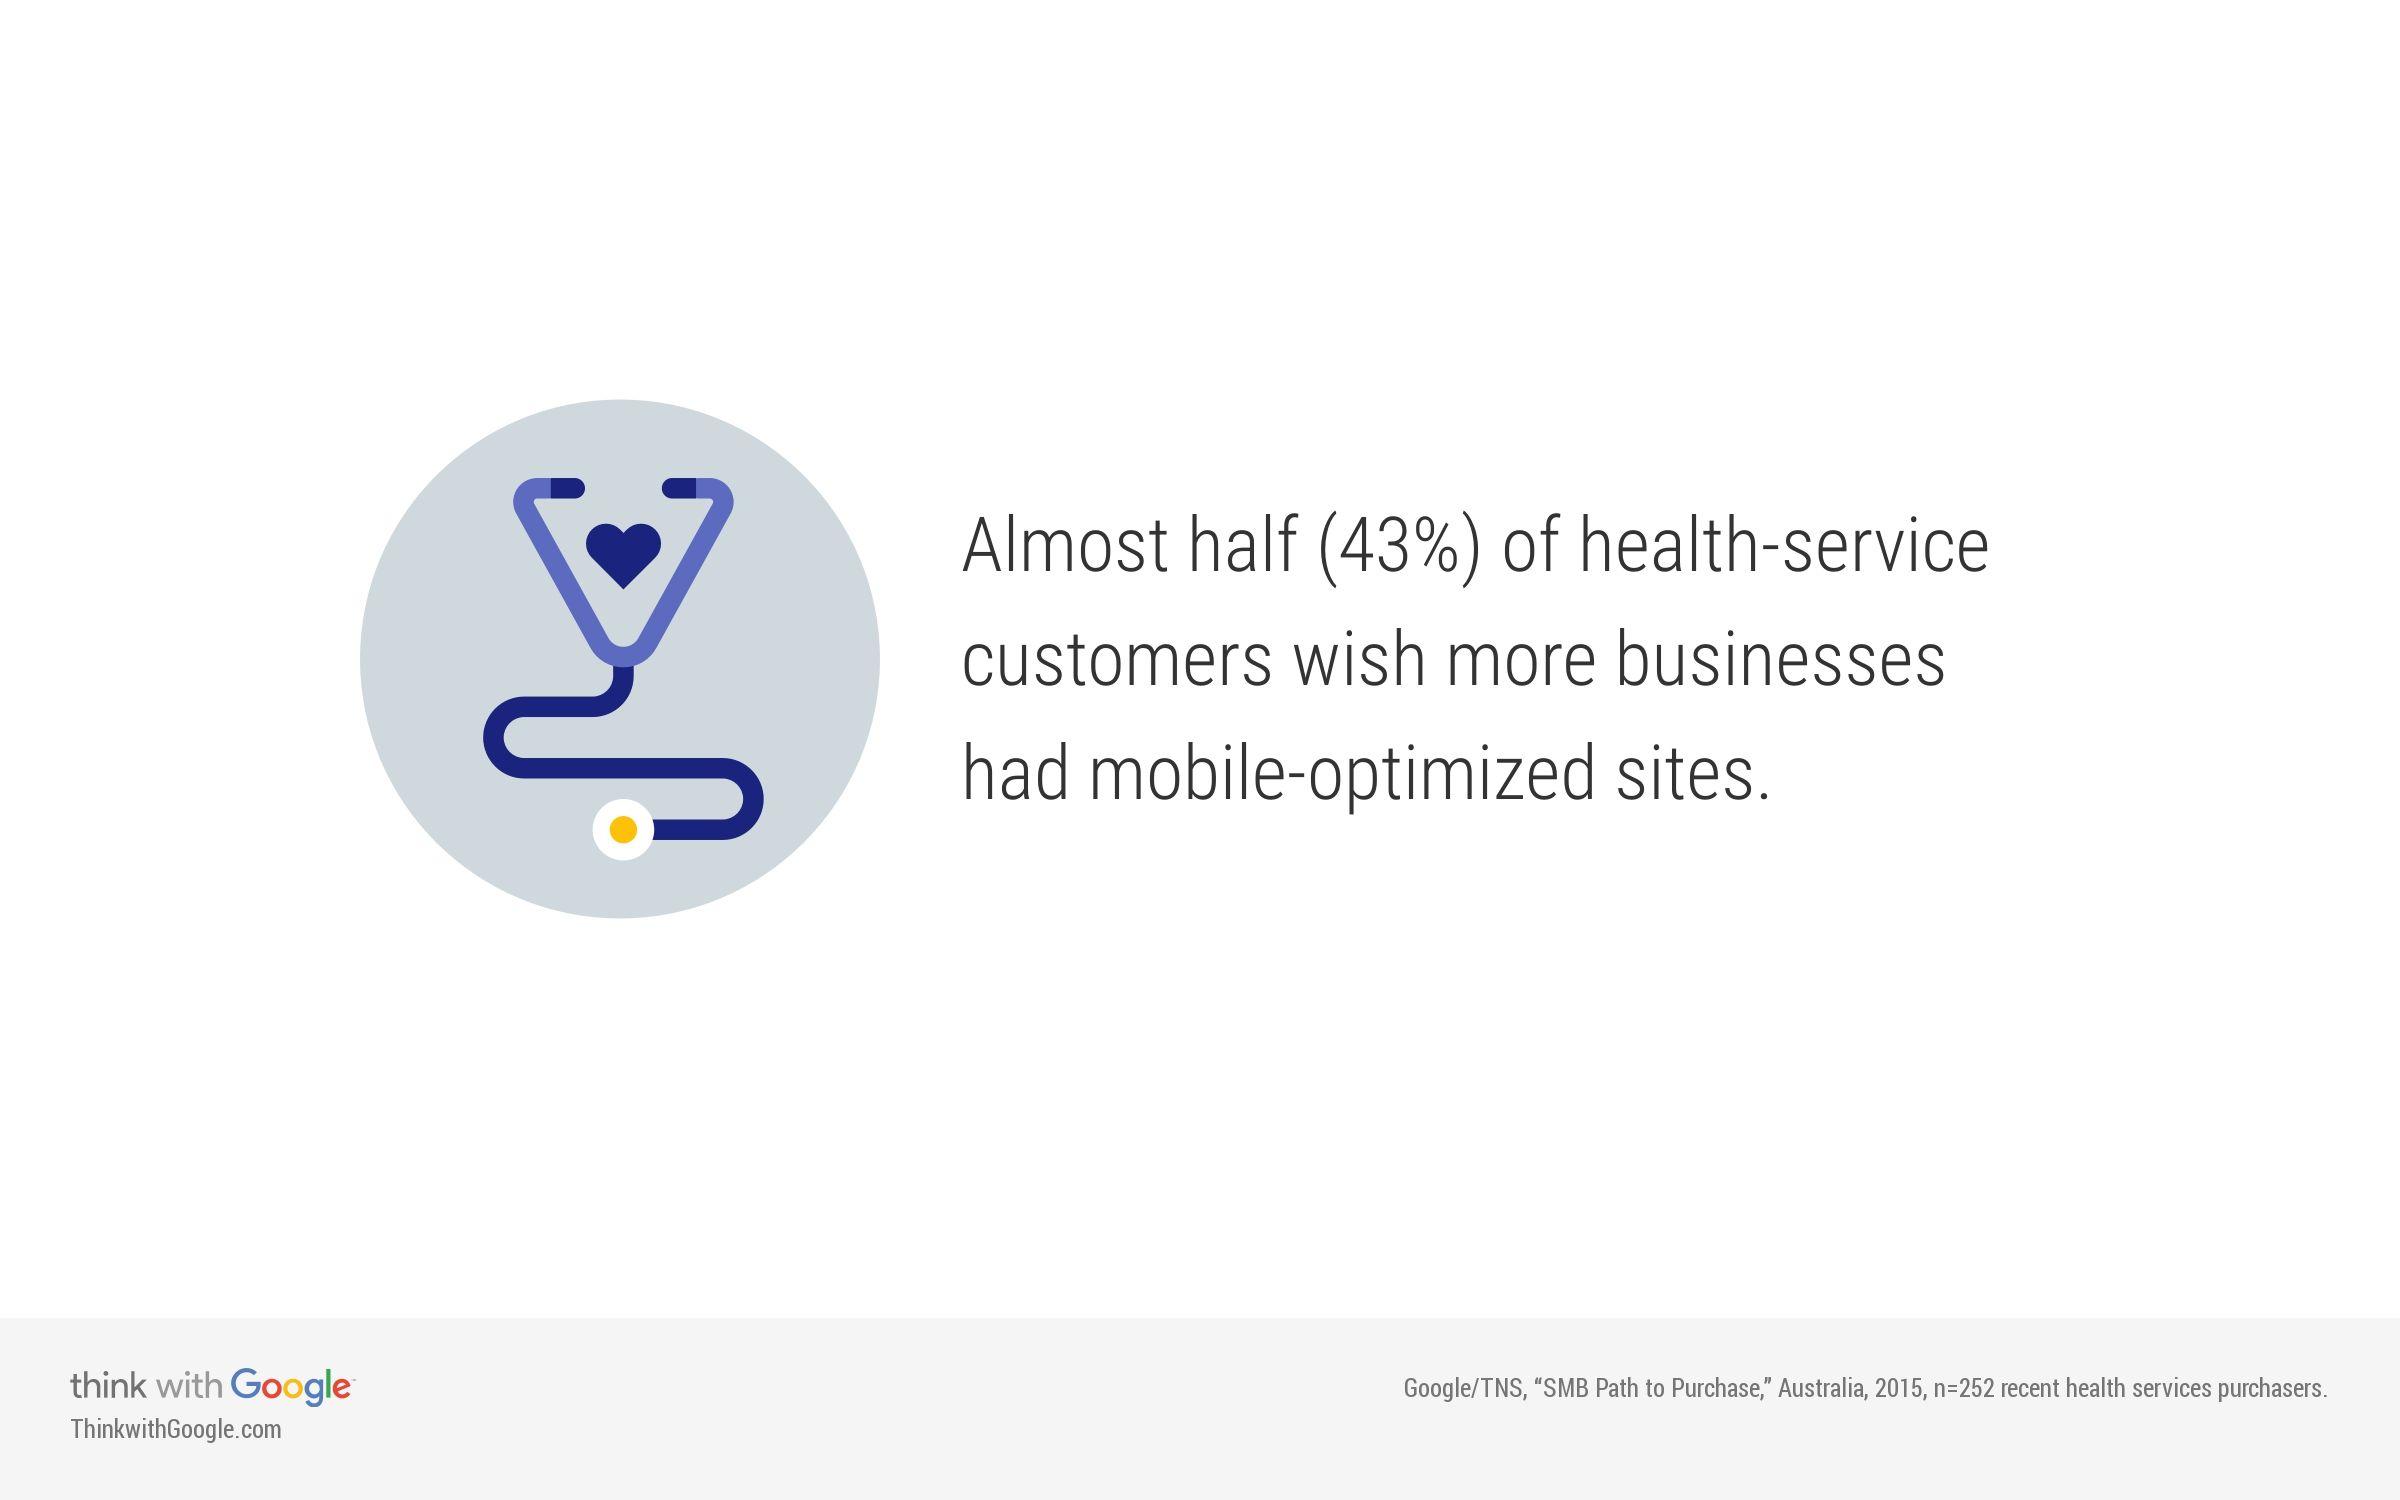 Σχεδόν το 43% των επισκεπτών ενός ιατρικού website θα επιθυμούσαν το site να ήταν mobile friendly